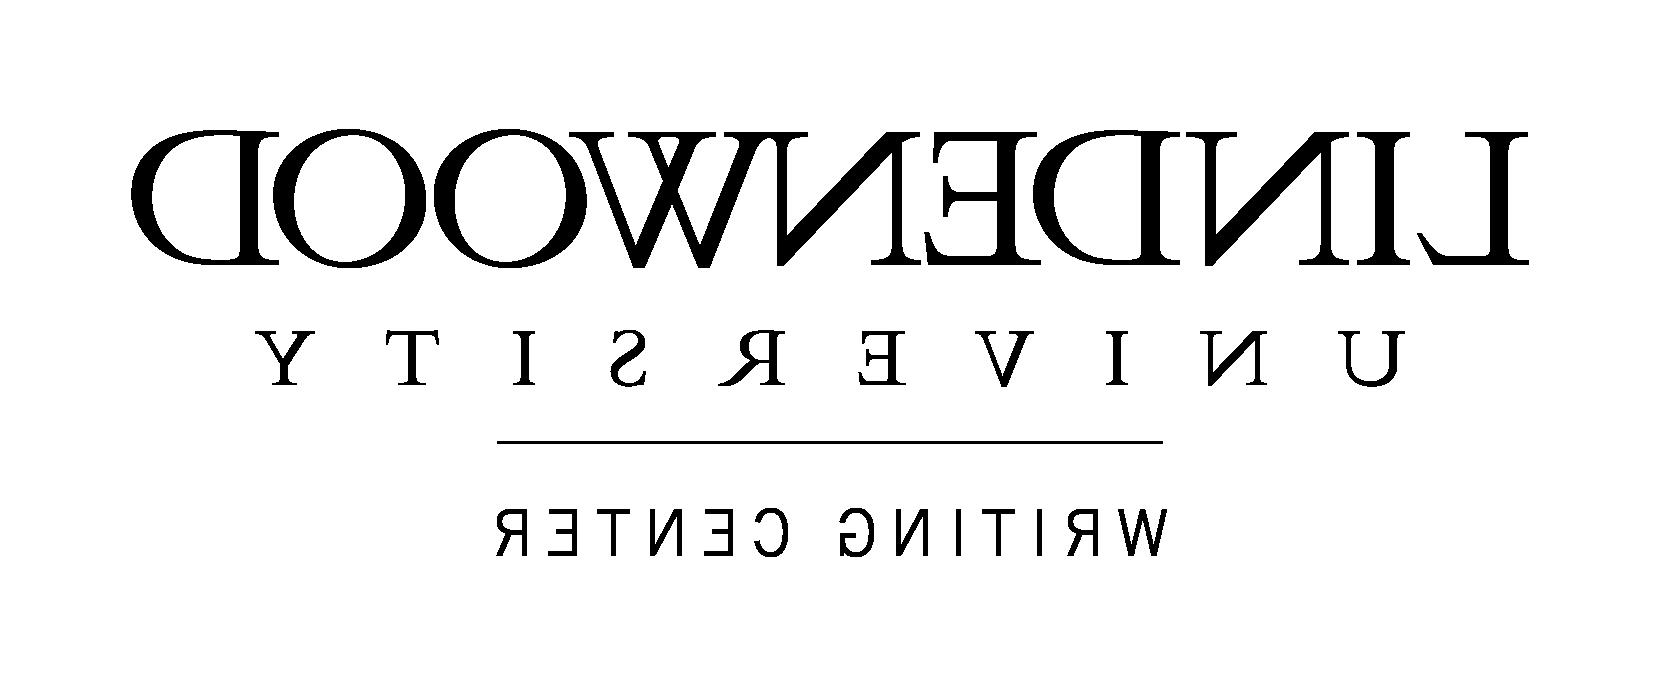 韦德1946写作中心的标志